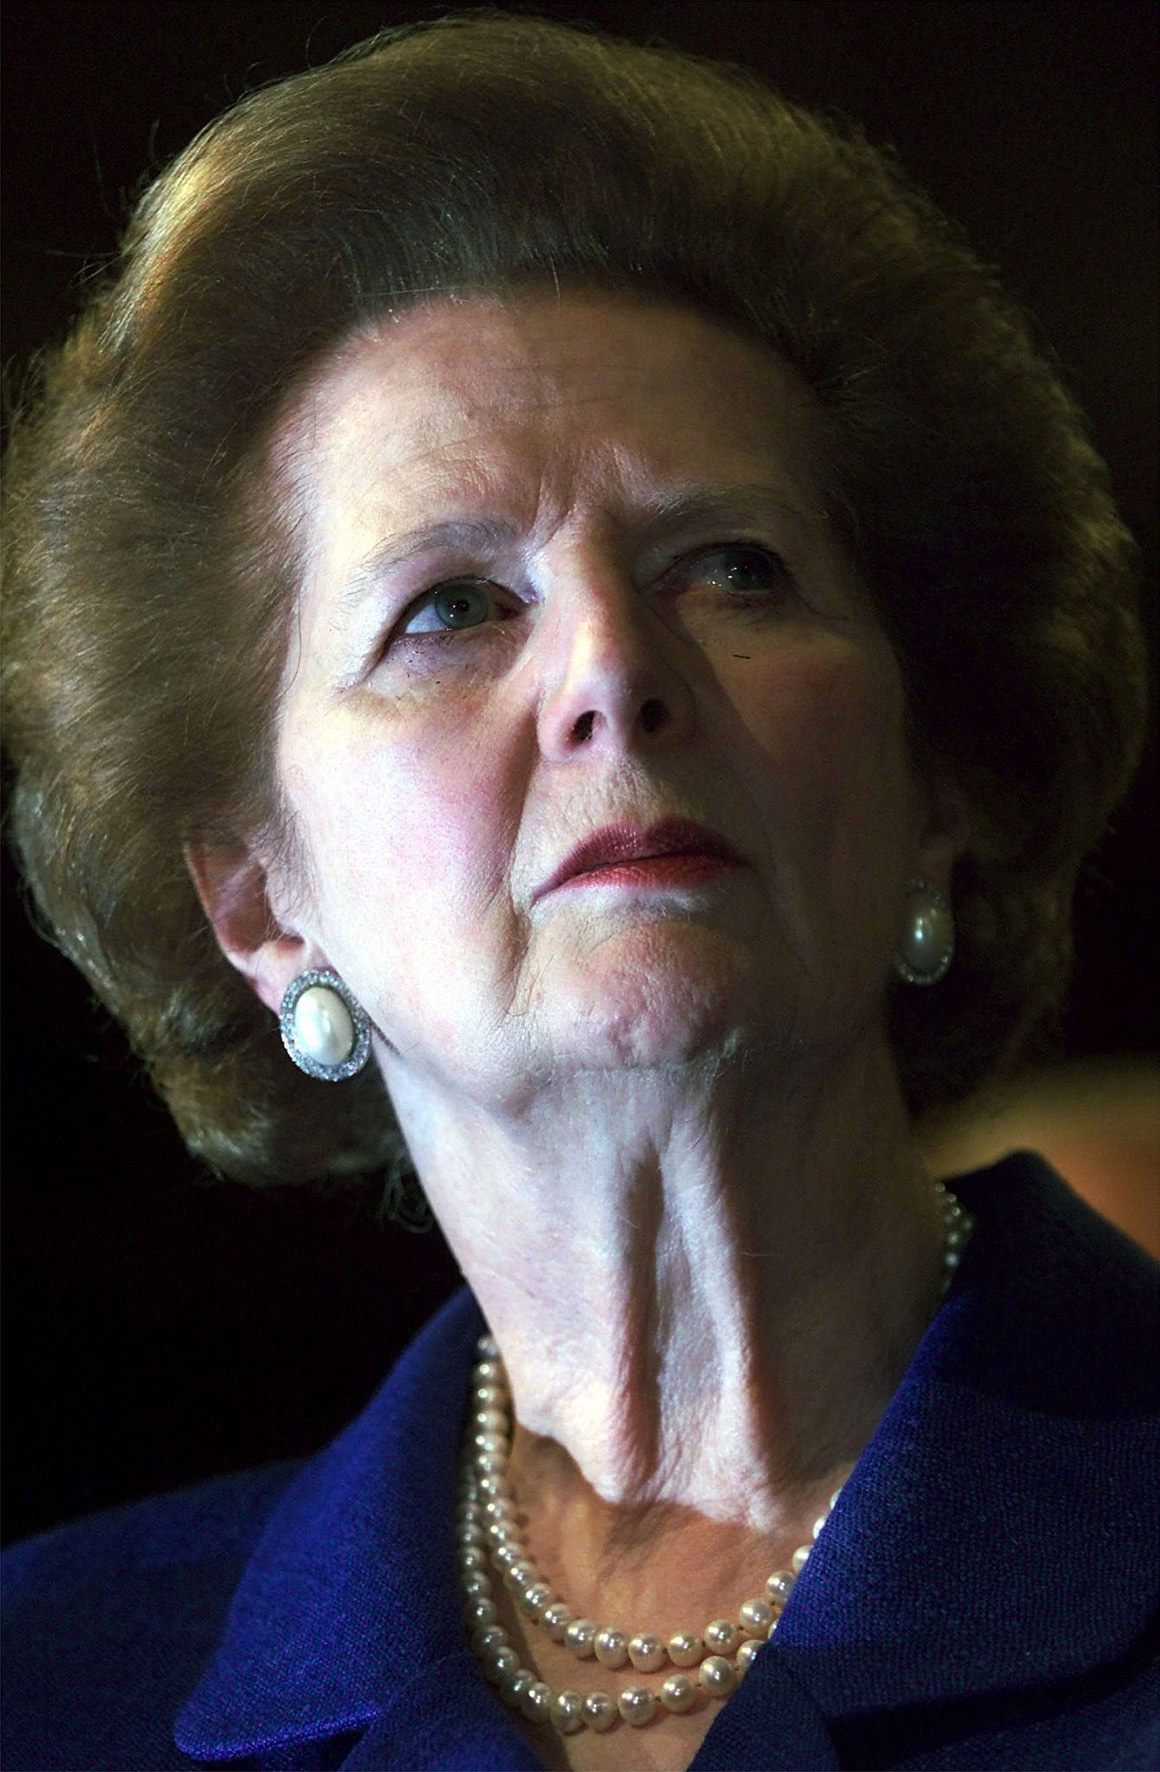 Thachter é tida como uma das pessoas mais influentes da política no século XX